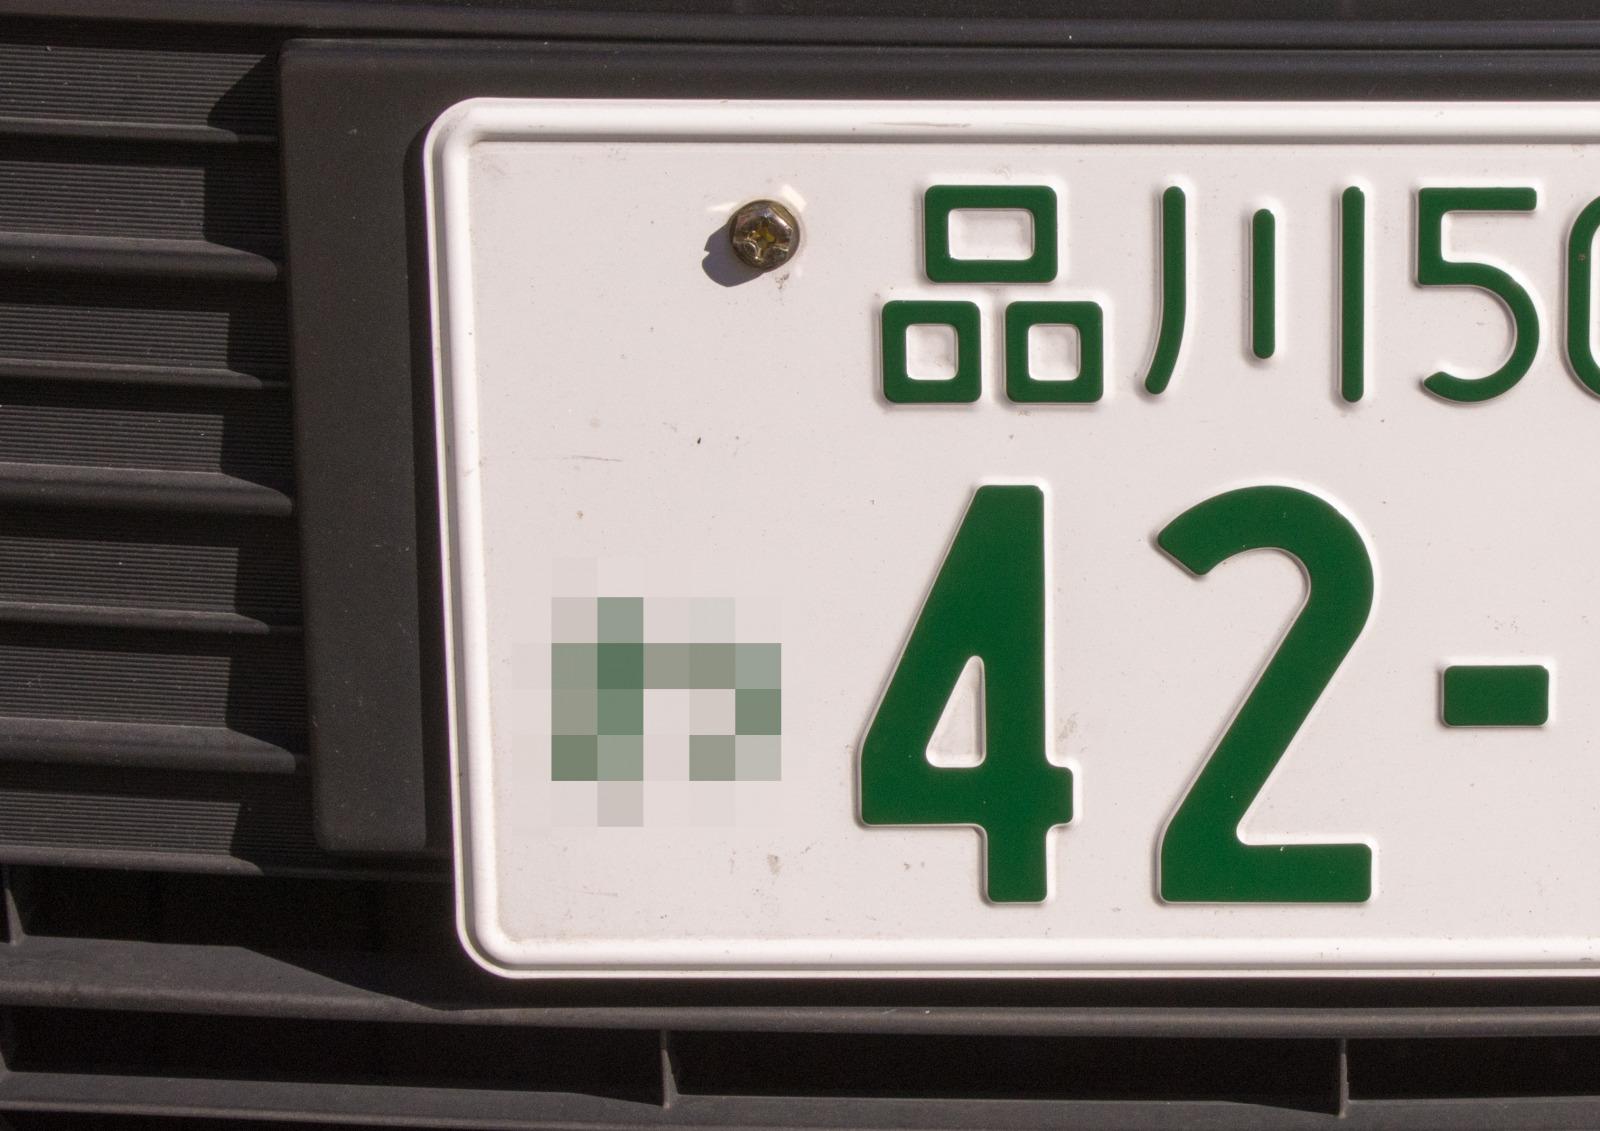 決め方 車のナンバー